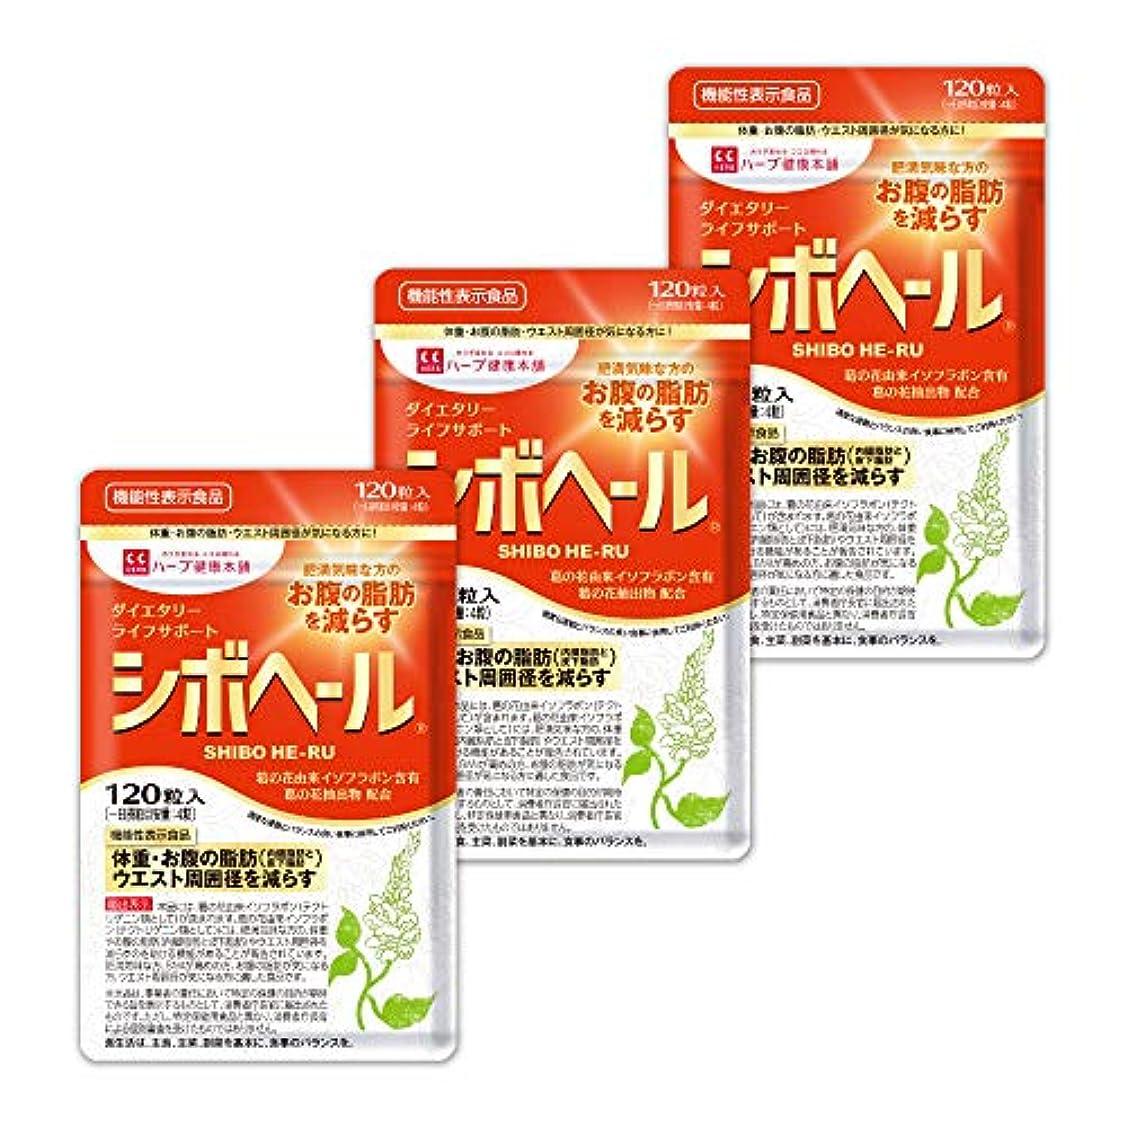 ソーダ水流産誤ってハーブ健康本舗 シボヘール 3袋セット[機能性表示食品]